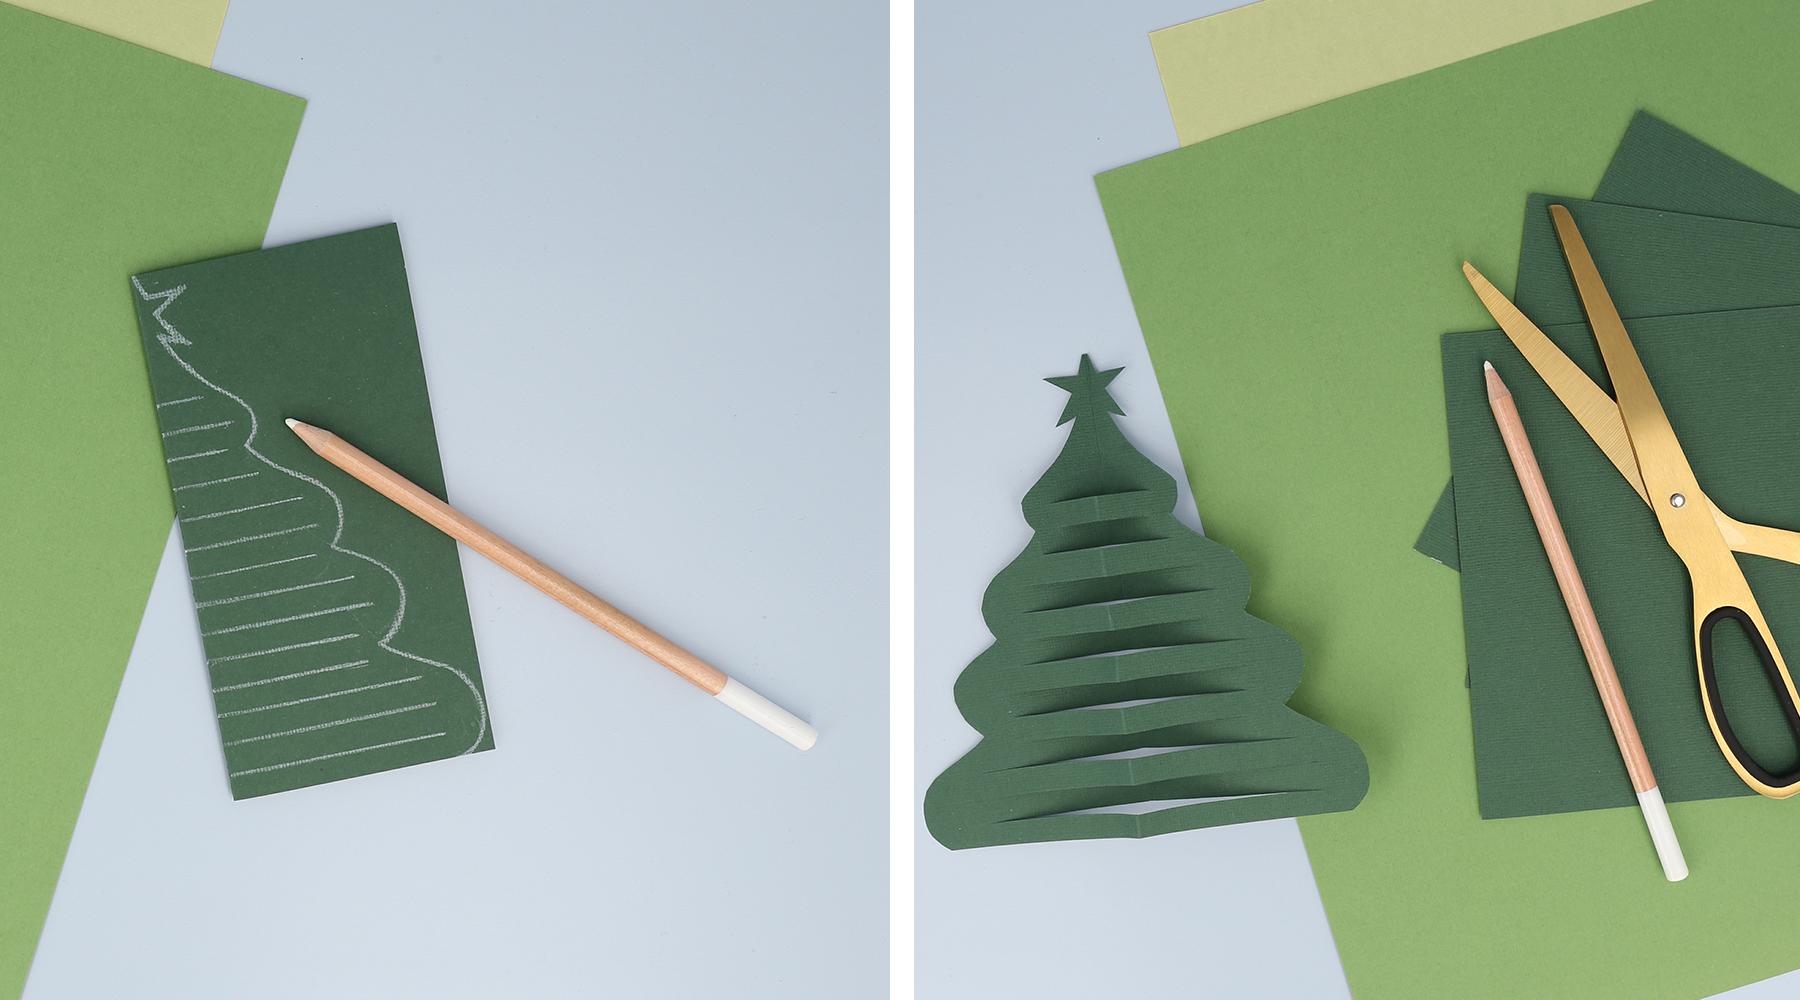 Tegn og klipp et fint juletre